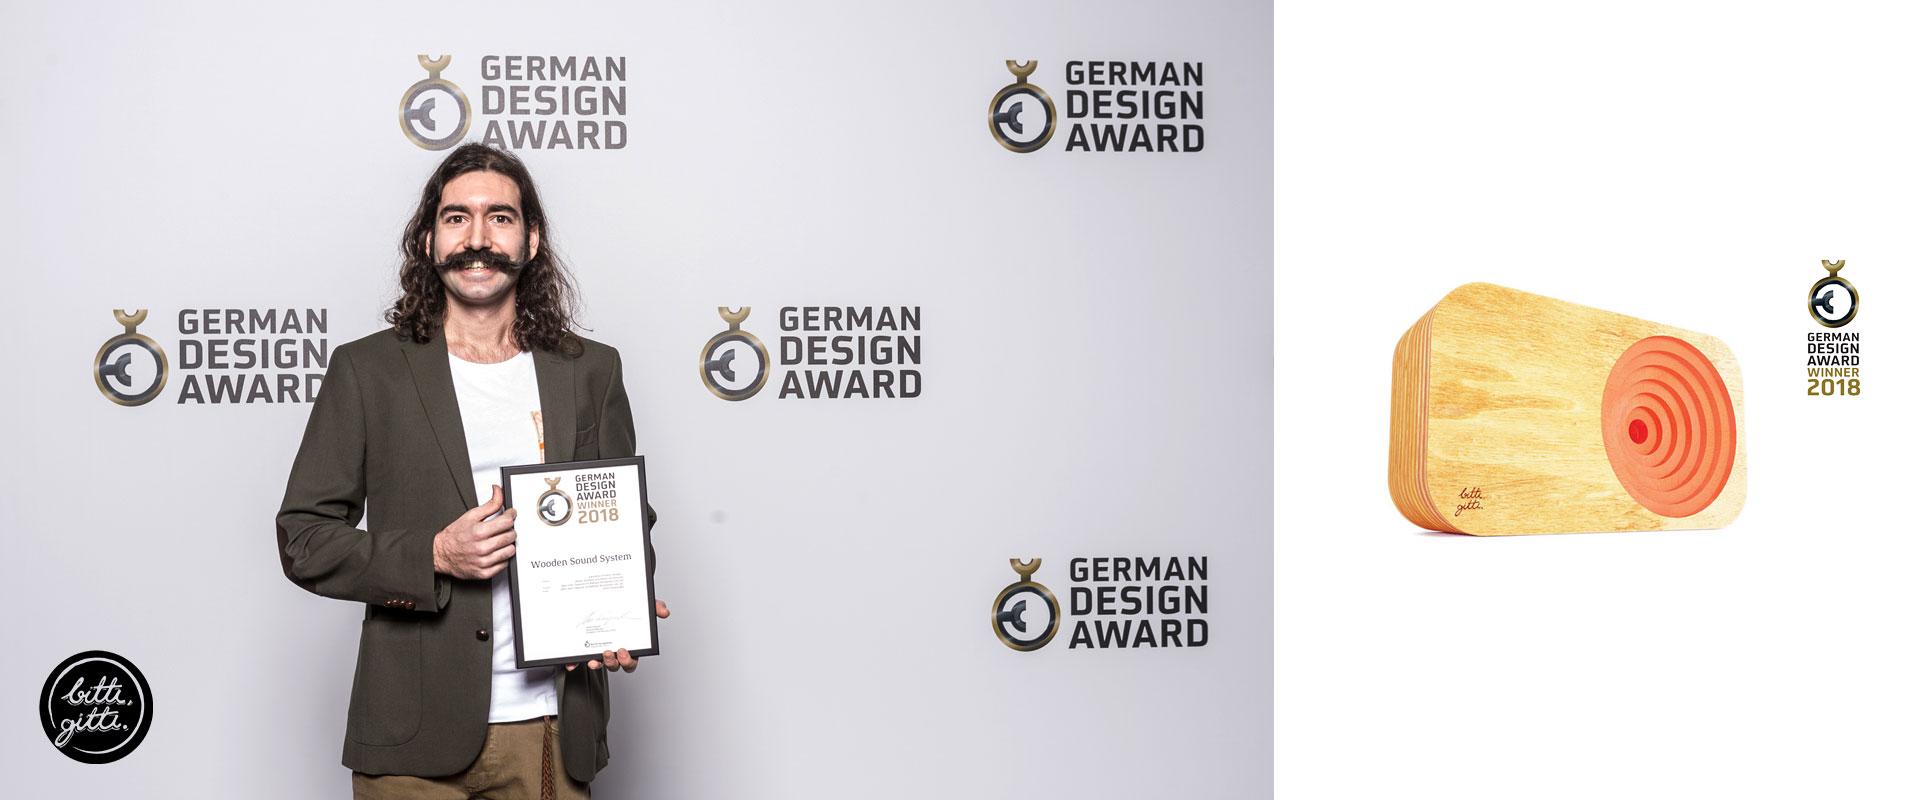 German Design Award 2018 Winner - Erbil Sivaslioglu - Bitti Gitti